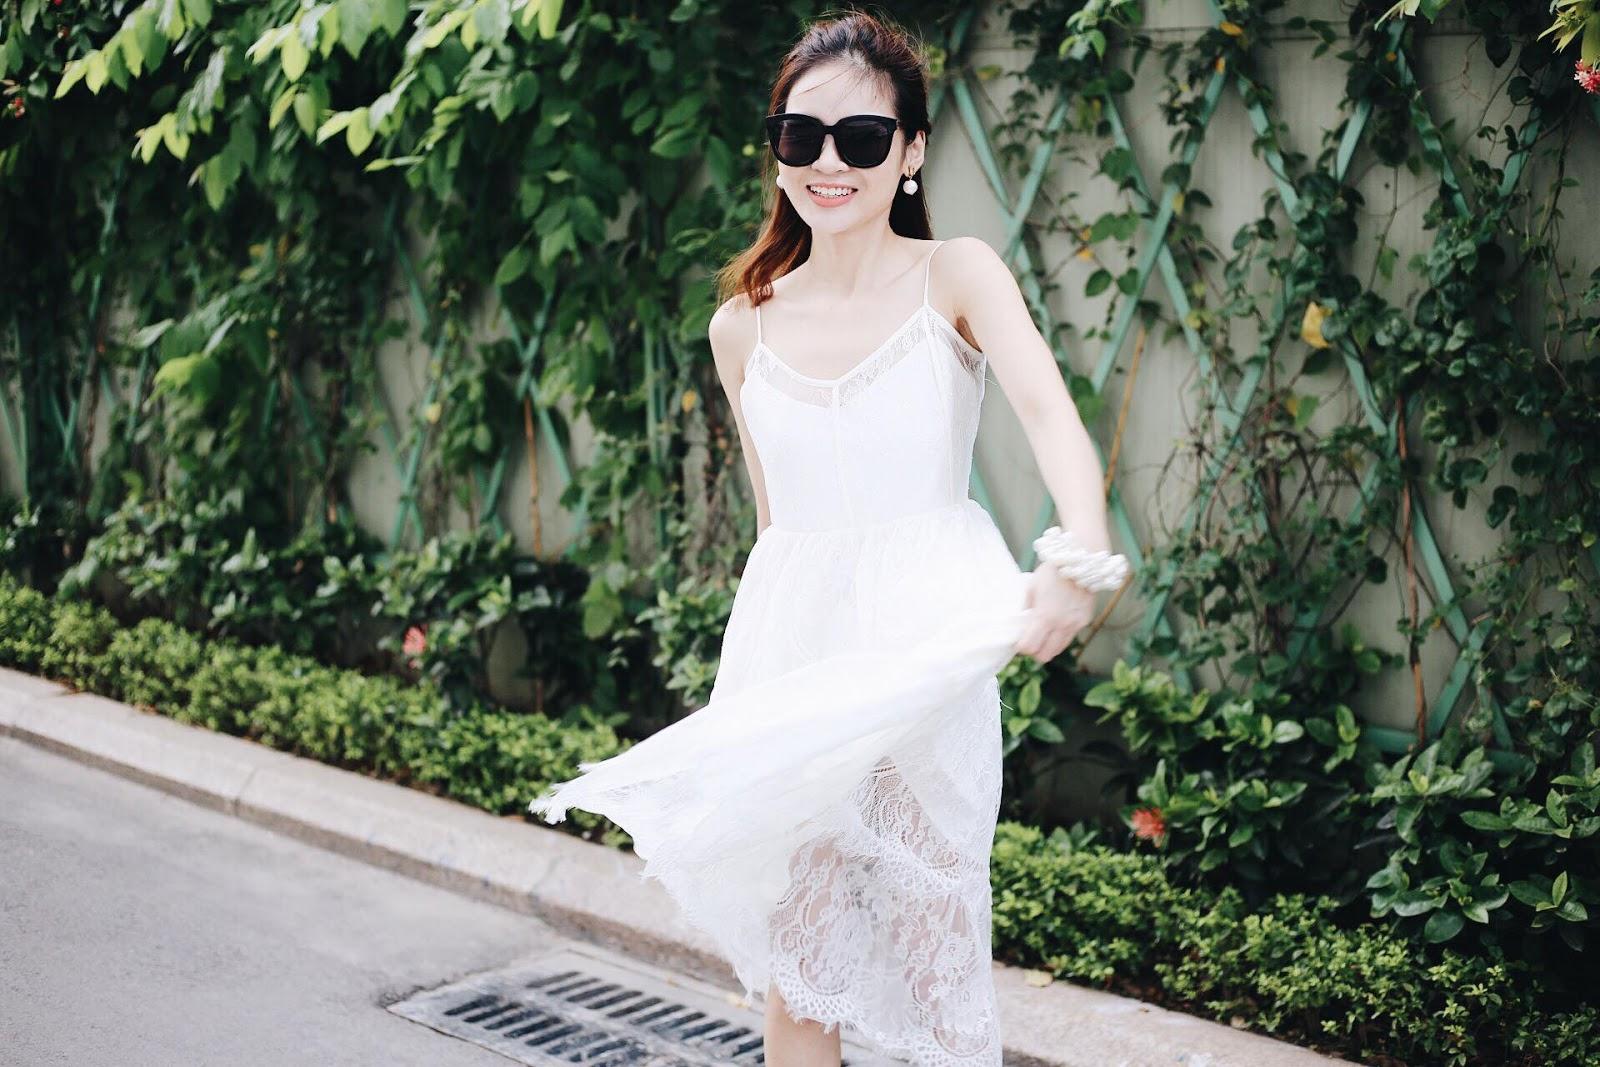 Ảnh đẹp của Nguyễn Thị Bích Ngọc